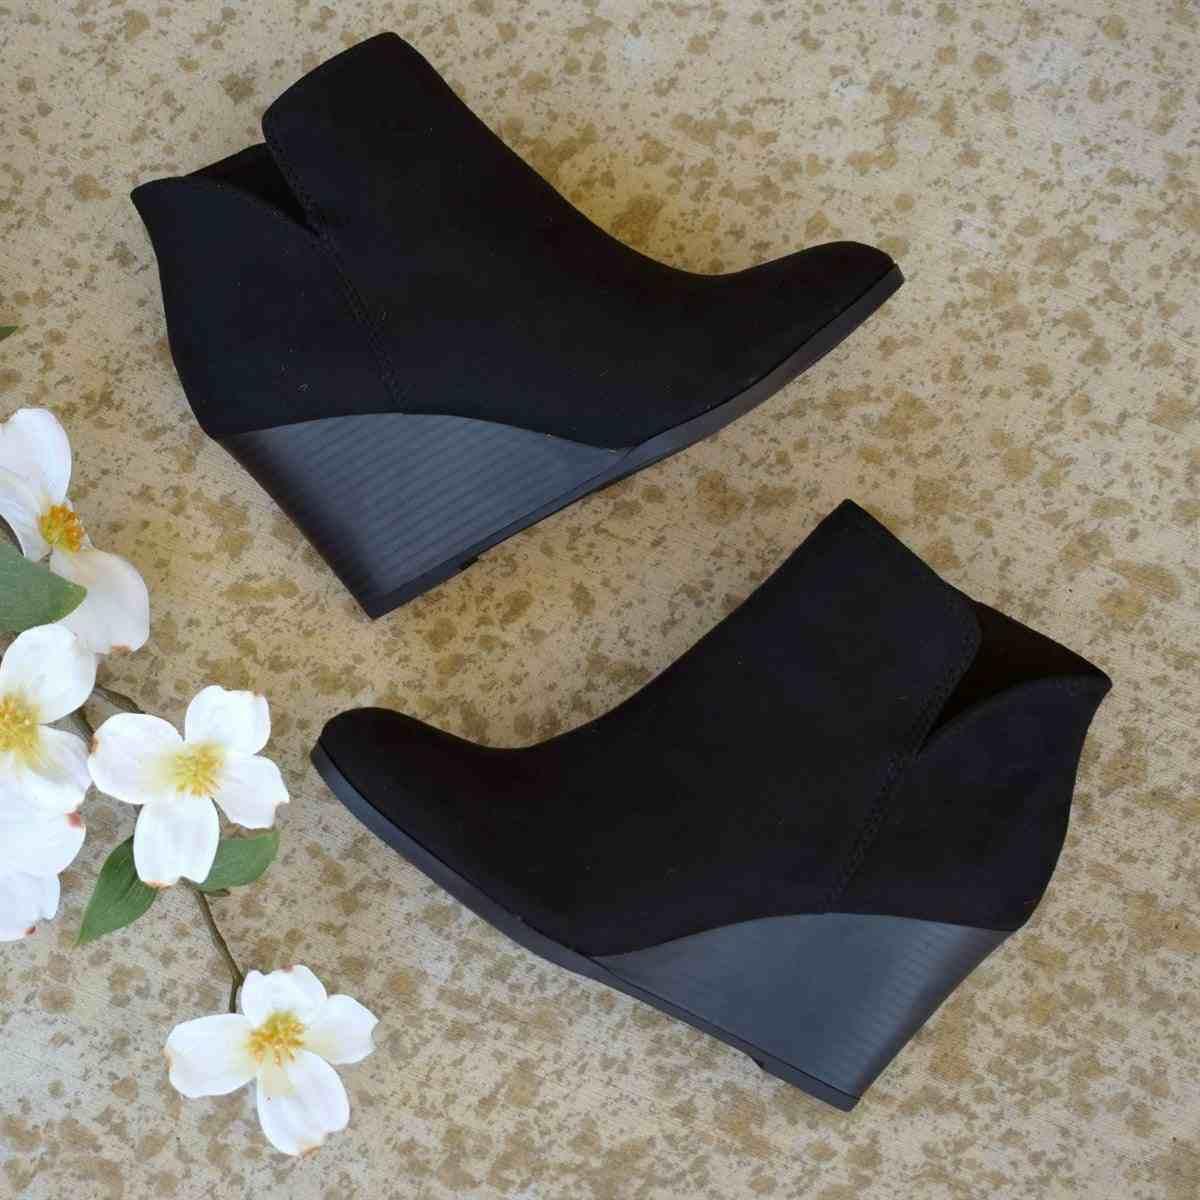 LITTHING kısa çizmeler kış kadın leopar yarım çizmeler Lace Up ayakkabı platformu yüksek topuklu takozlar ayakkabı kadın Bota Feminina